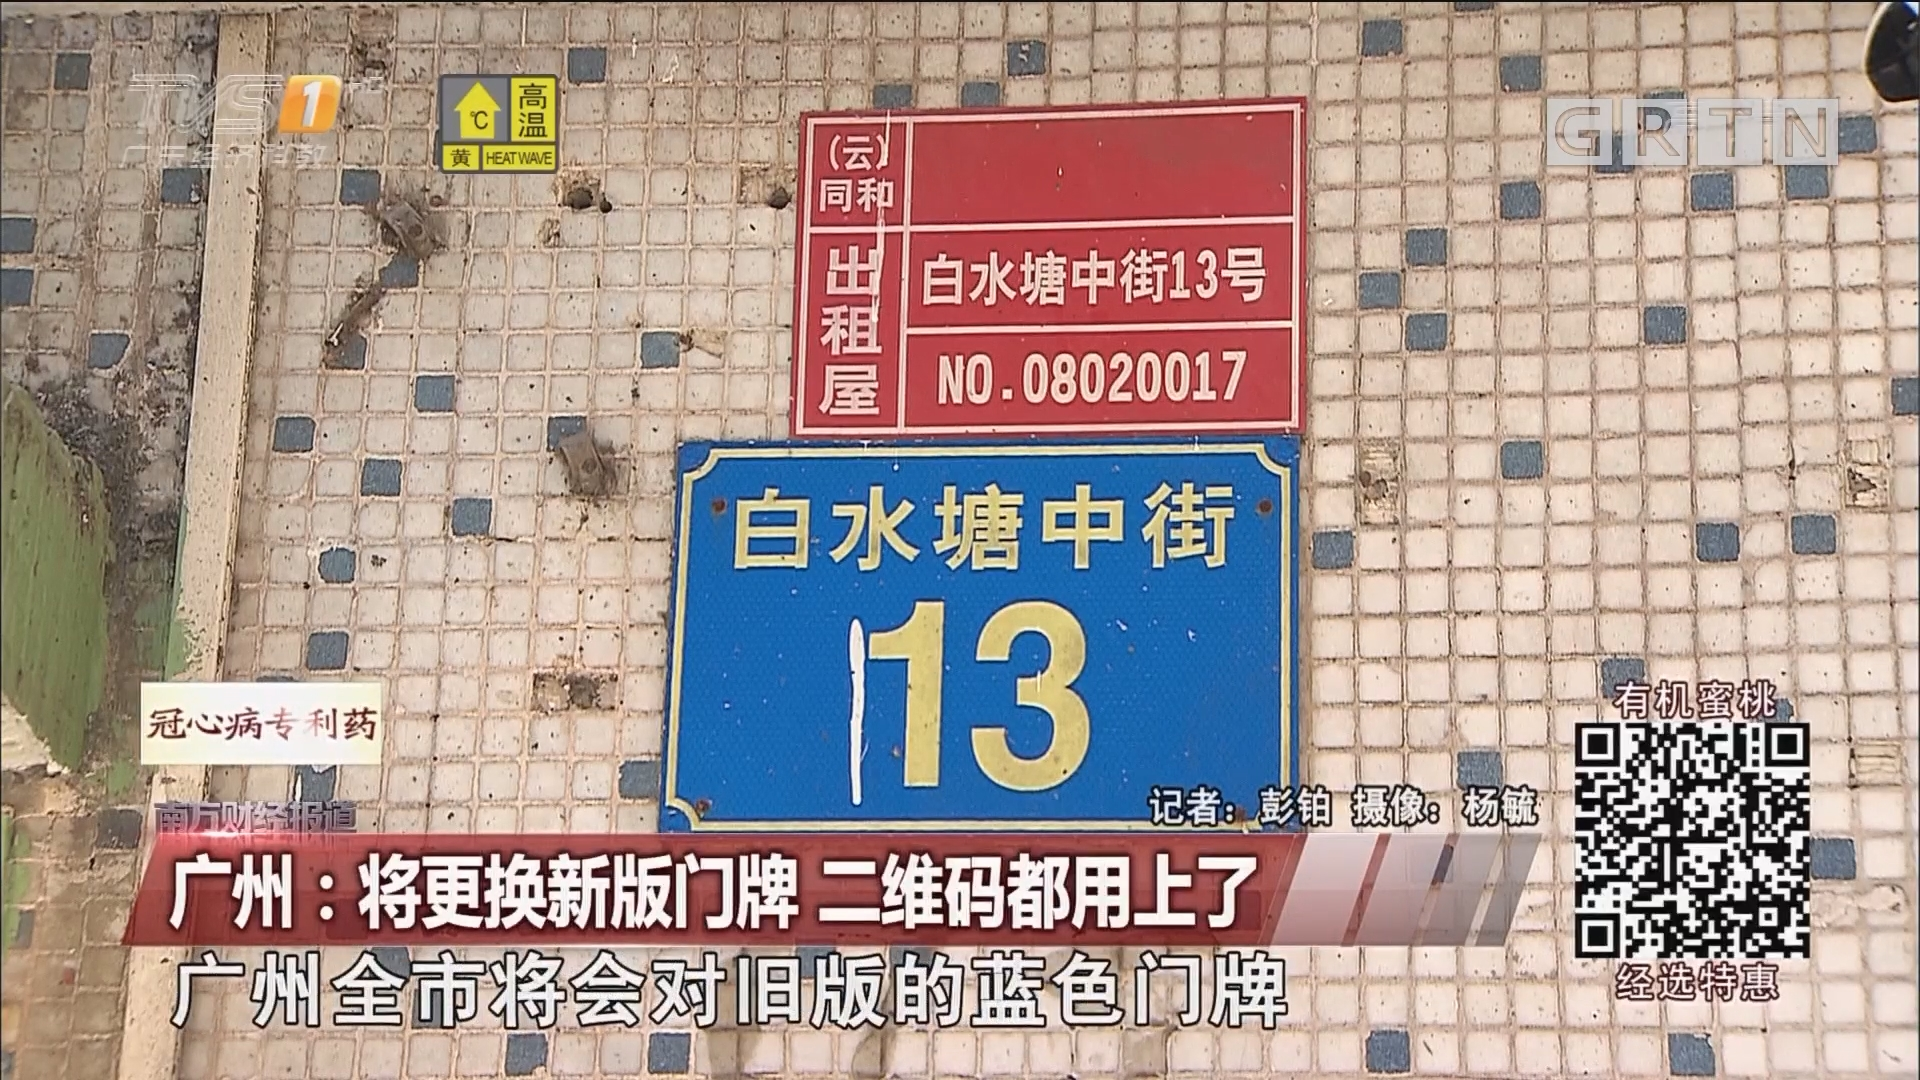 广州:将更换新版门牌 二维码都用上了